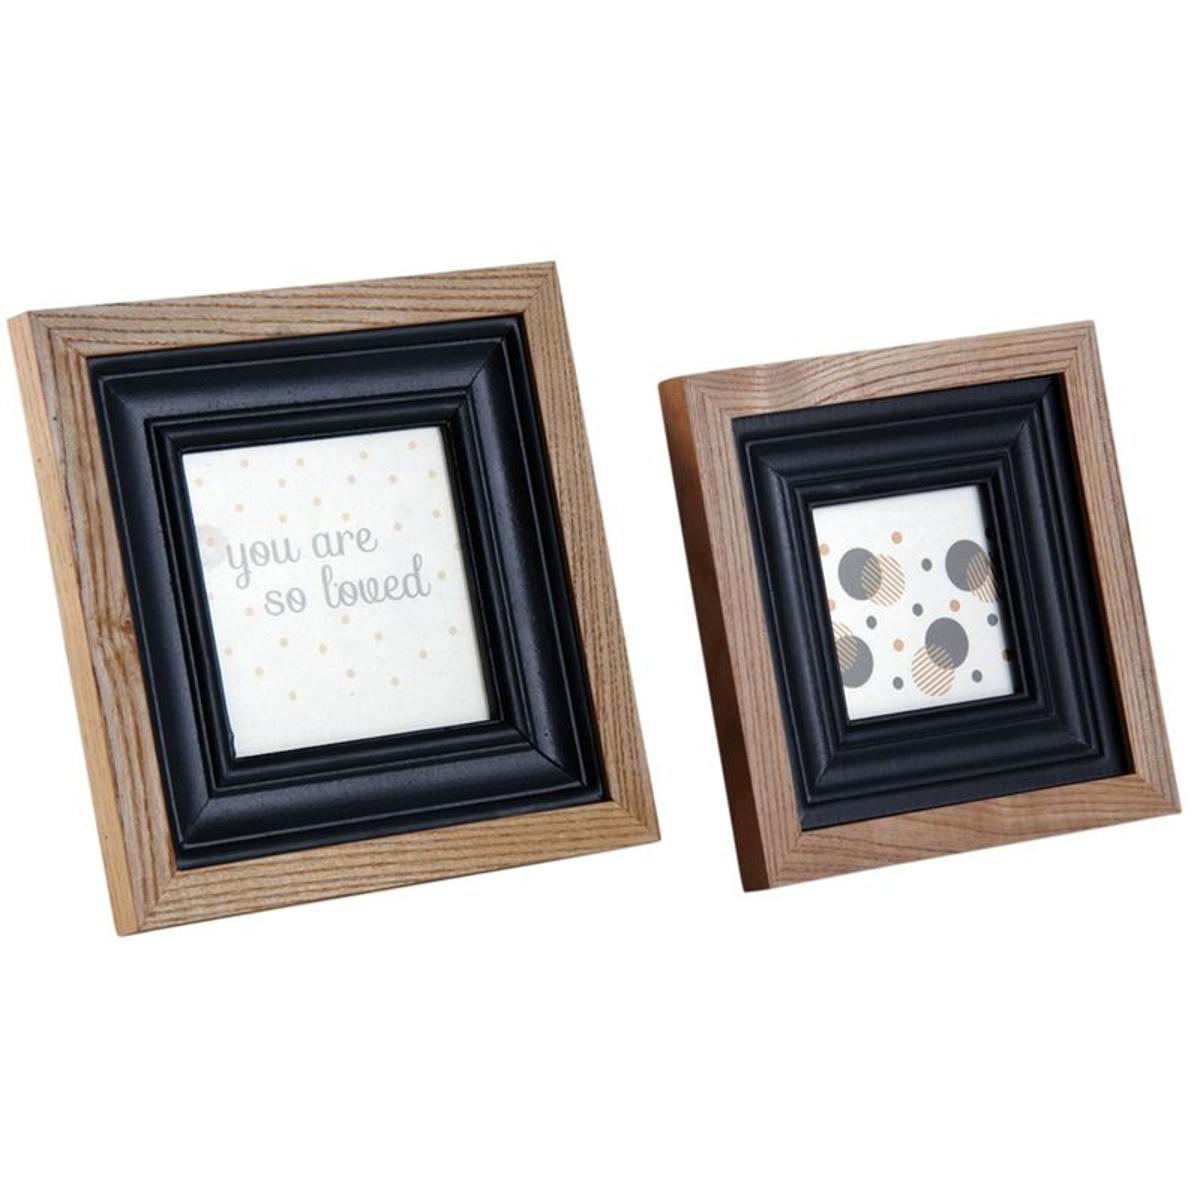 Cadre photo en bois et verre (Lot de 2)